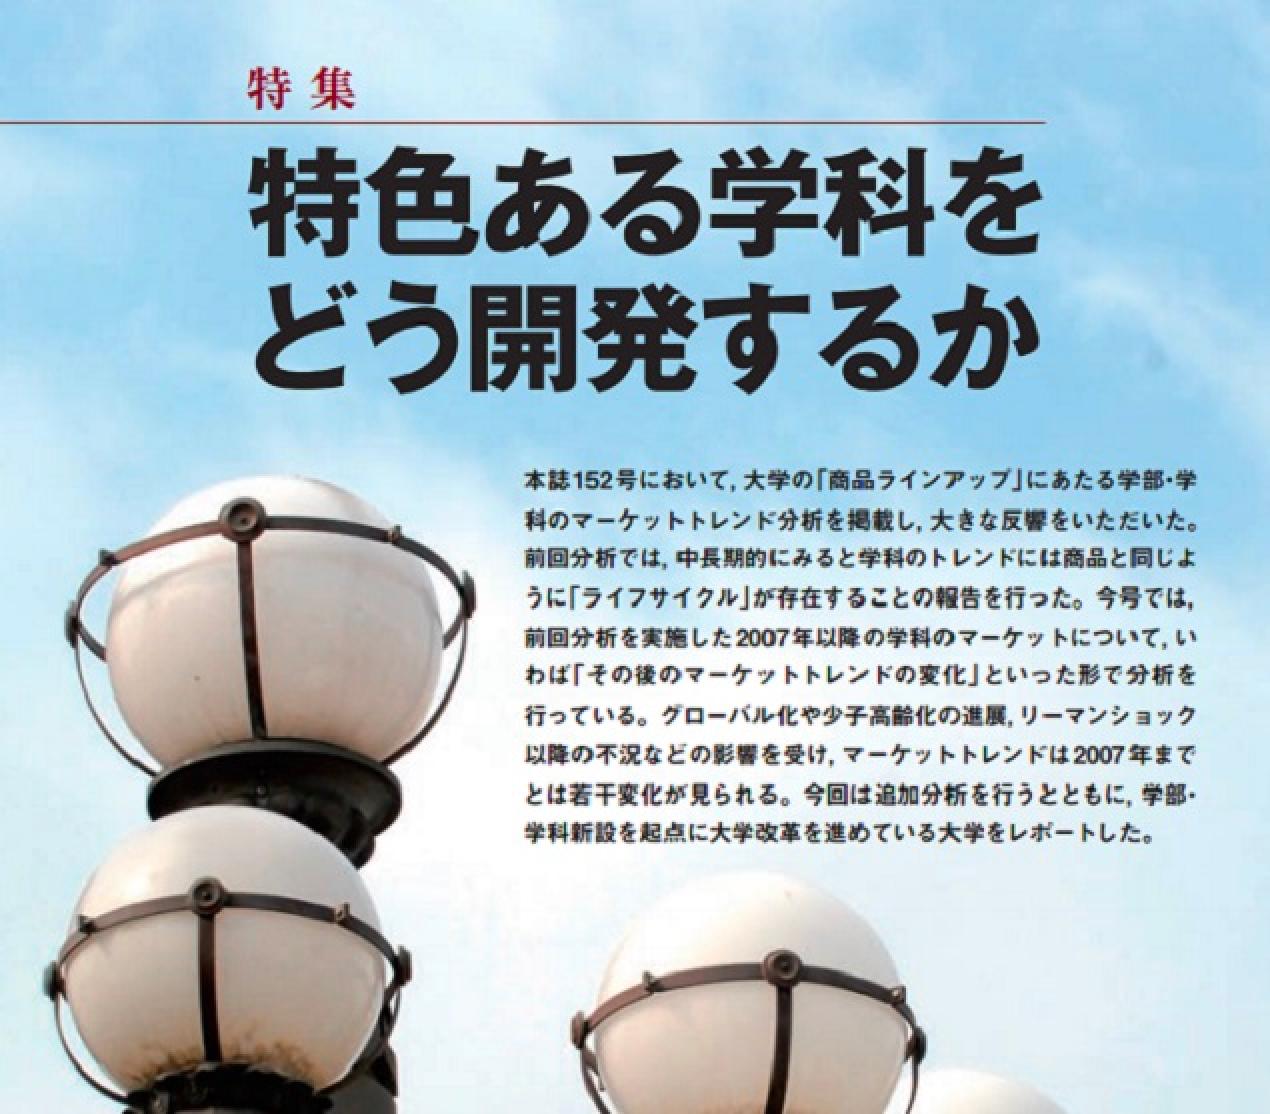 カレッジマネジメント【162】 2010特集  「特色ある学科をどう開発するか。学科のマーケットトレンドと学部・学科開発」寺裏誠司表紙